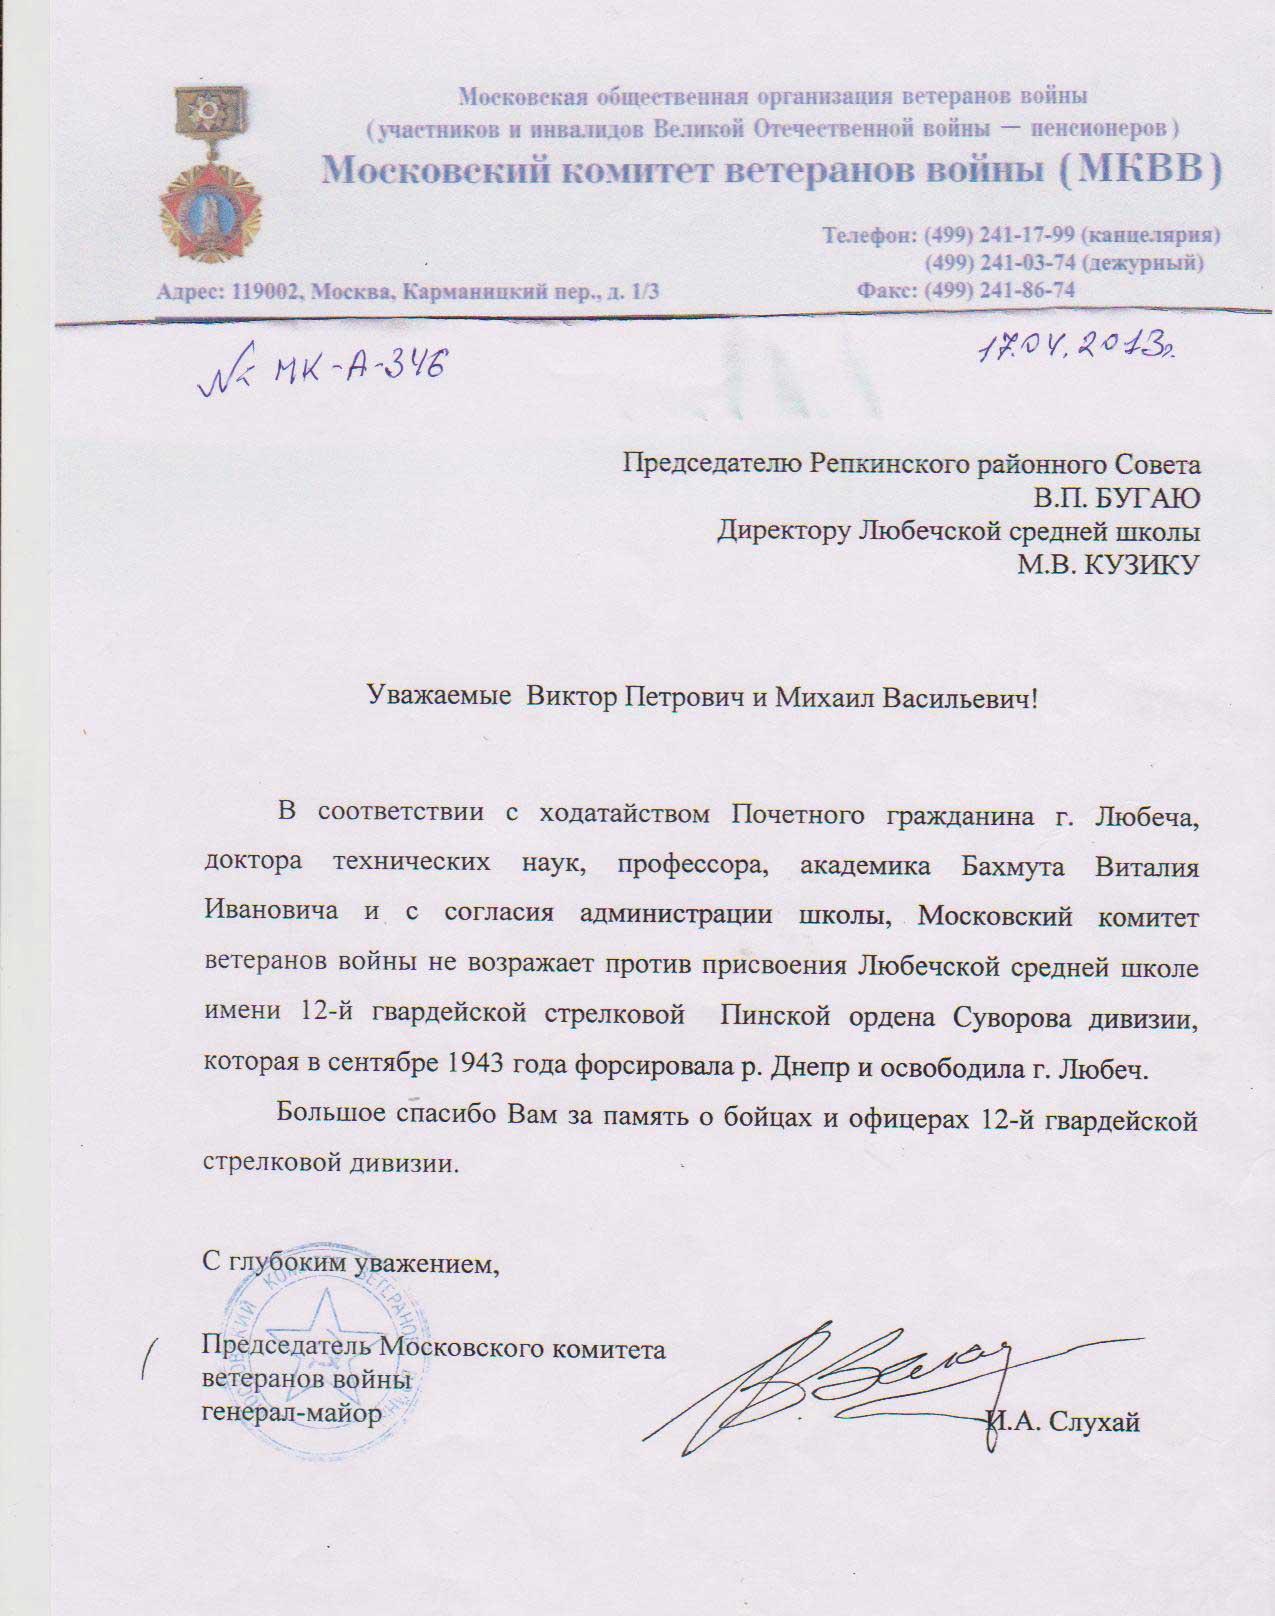 Клопотання Московського комітету ветеранів війни